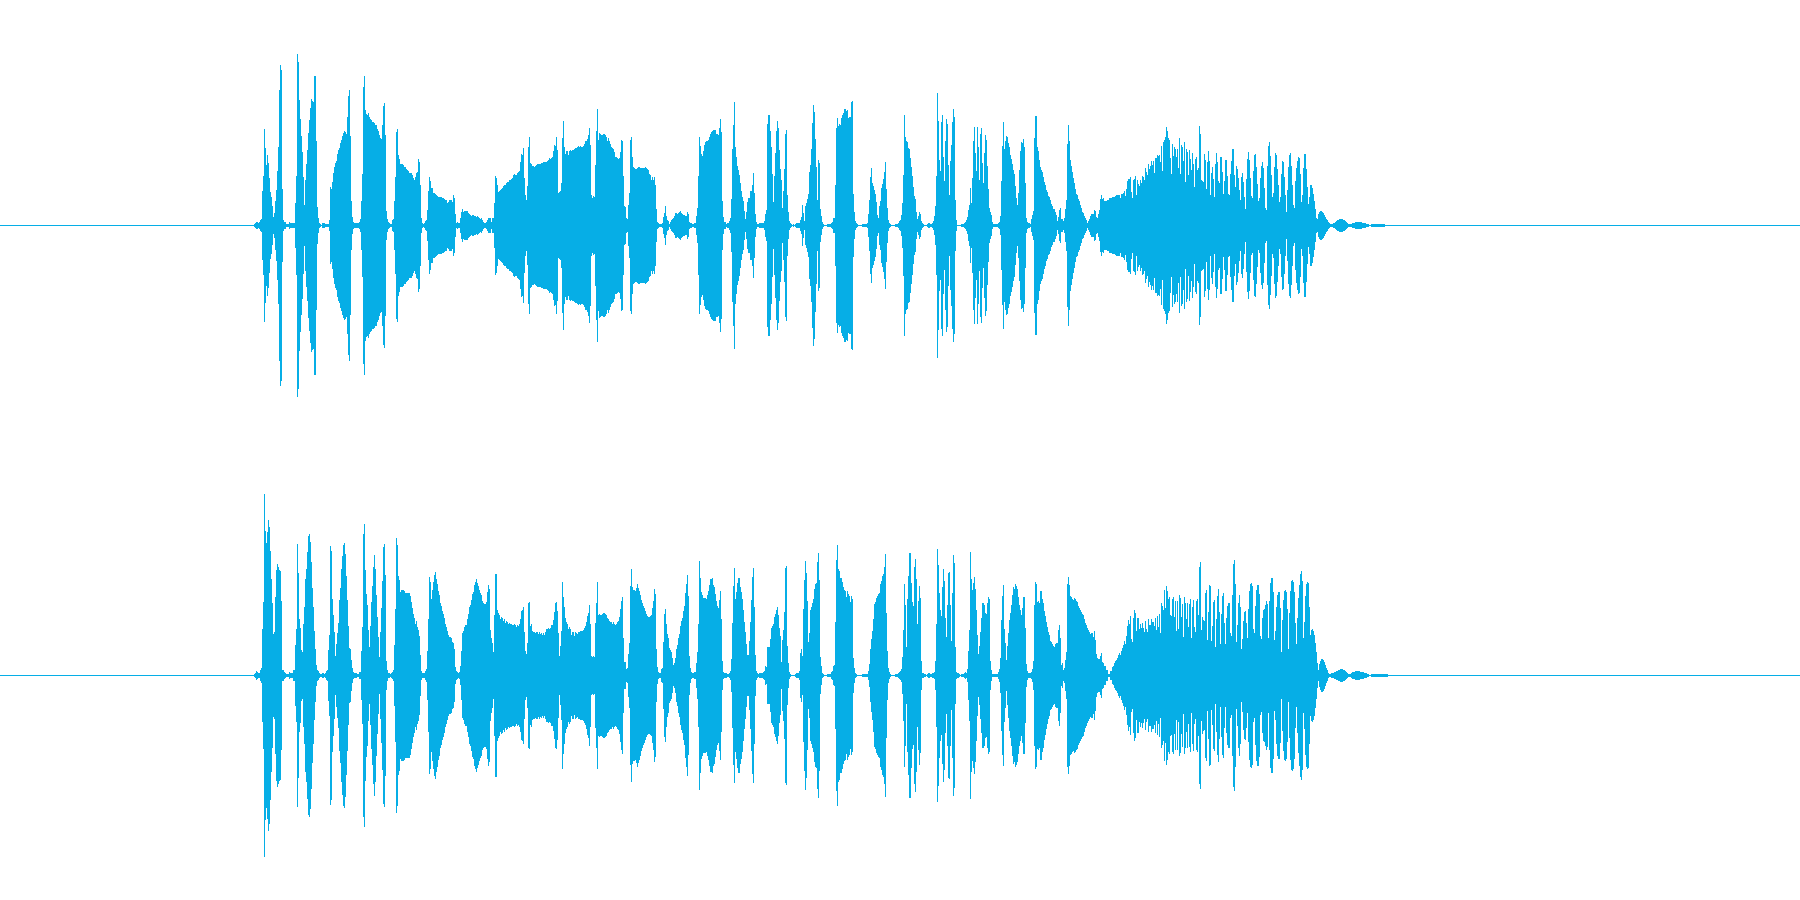 プロペラが回転する音(宇宙、飛ぶ)の再生済みの波形